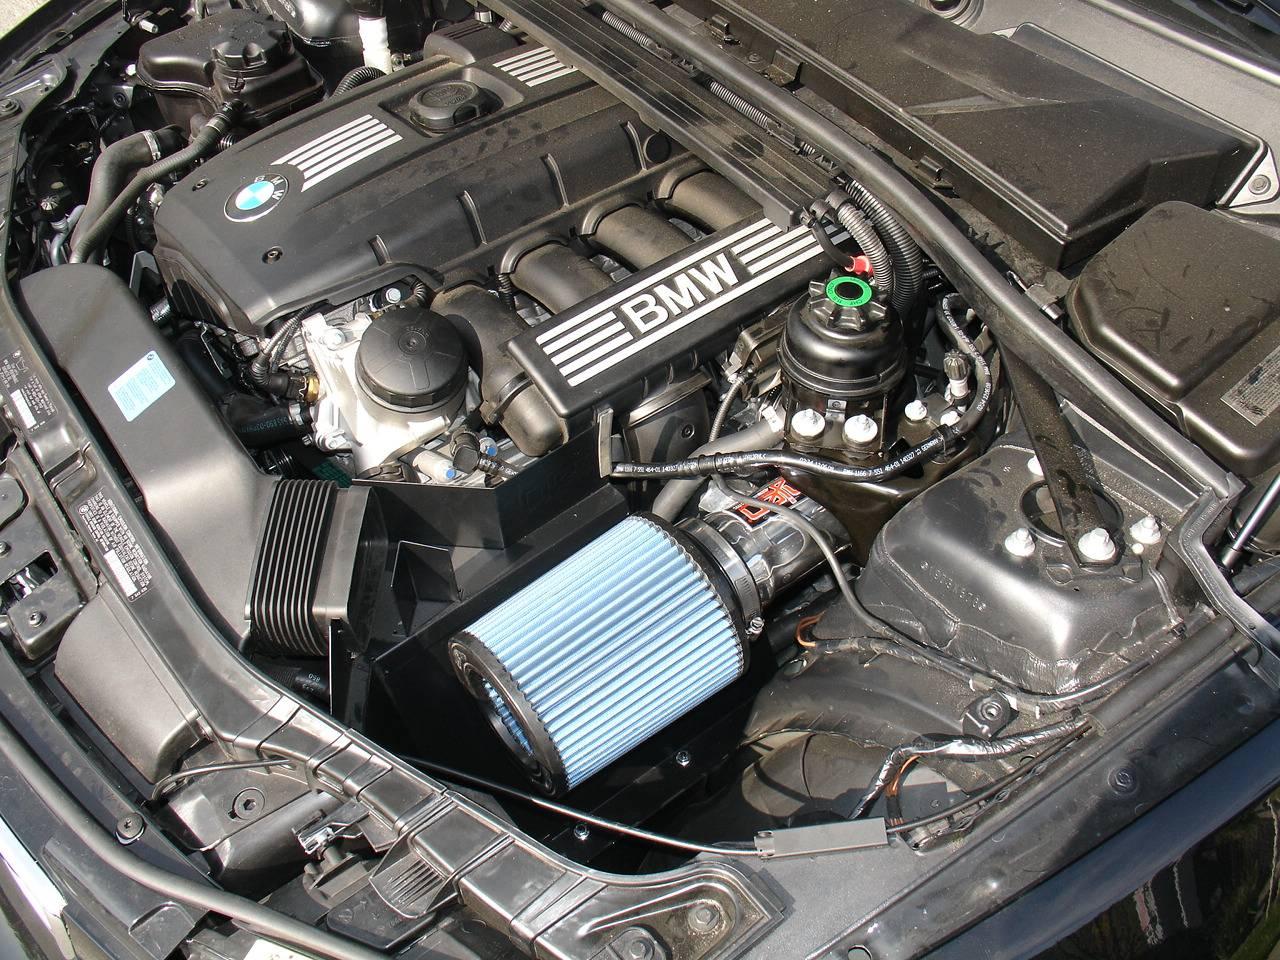 SP1121P - Injen SP Short Ram Cold Air Intake System Polished | Injen